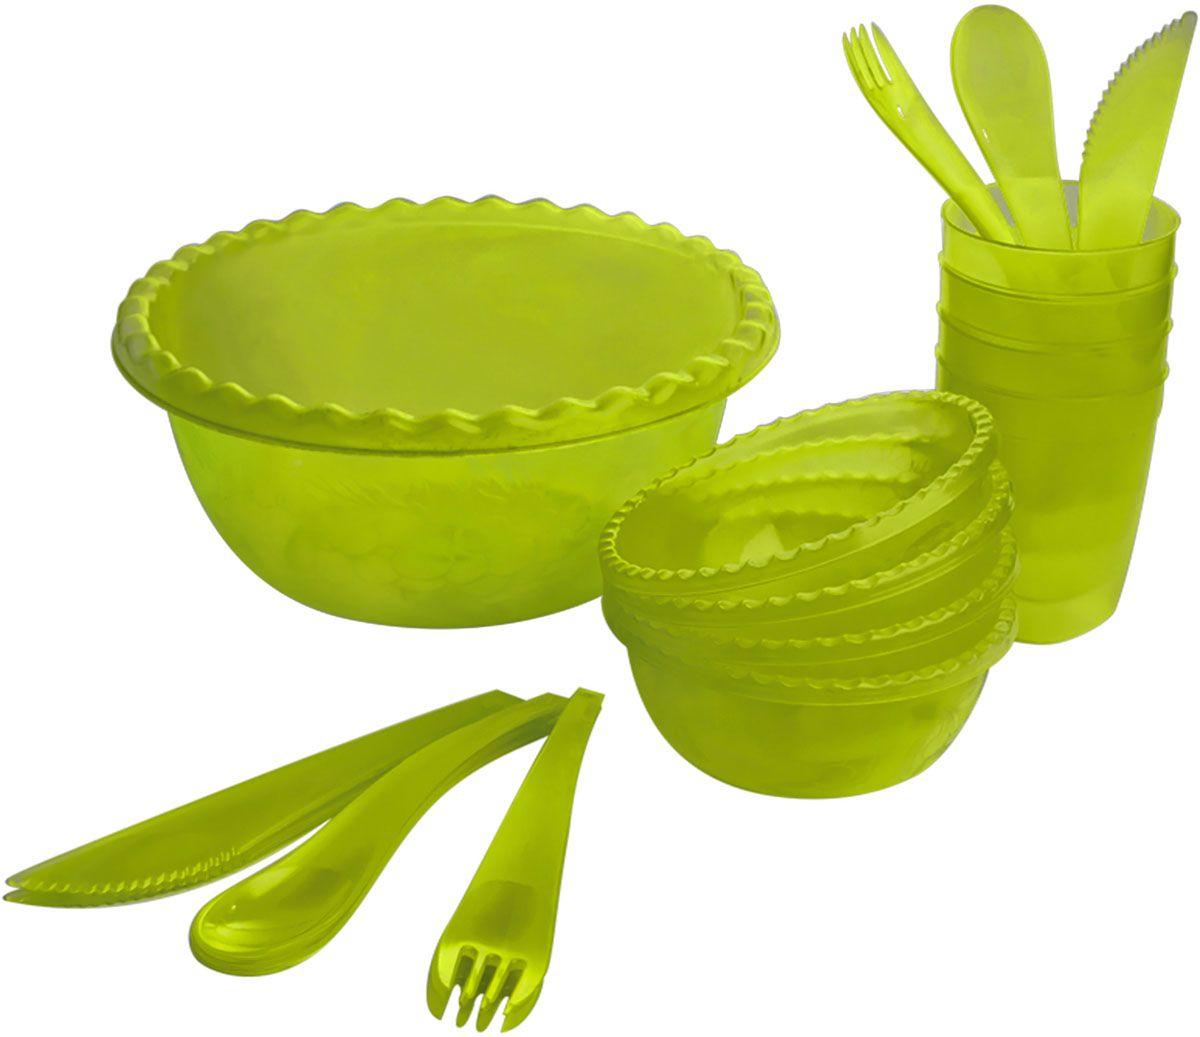 Набор для пикника Plastic Centre Фазенда, цвет: зеленый, прозрачный, на 4 персоны аксессуар для алкоголя akso набор подарочный коньячный на 4 персоны 138ки4